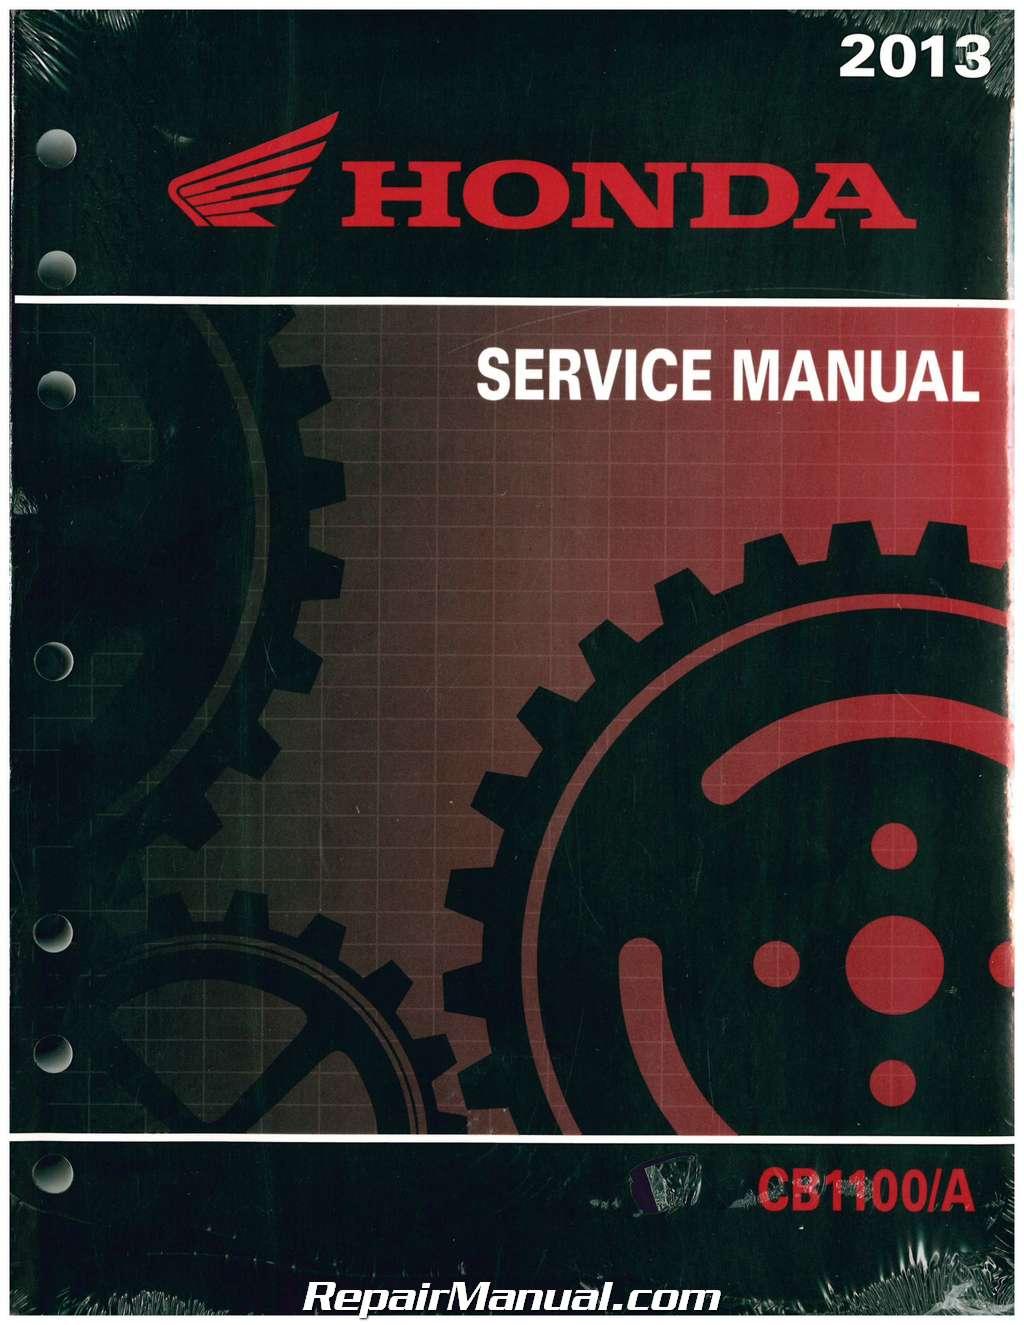 2013 honda cb1100 a service manual rh repairmanual com 2012 Honda CB1100 2015 Honda CB1100